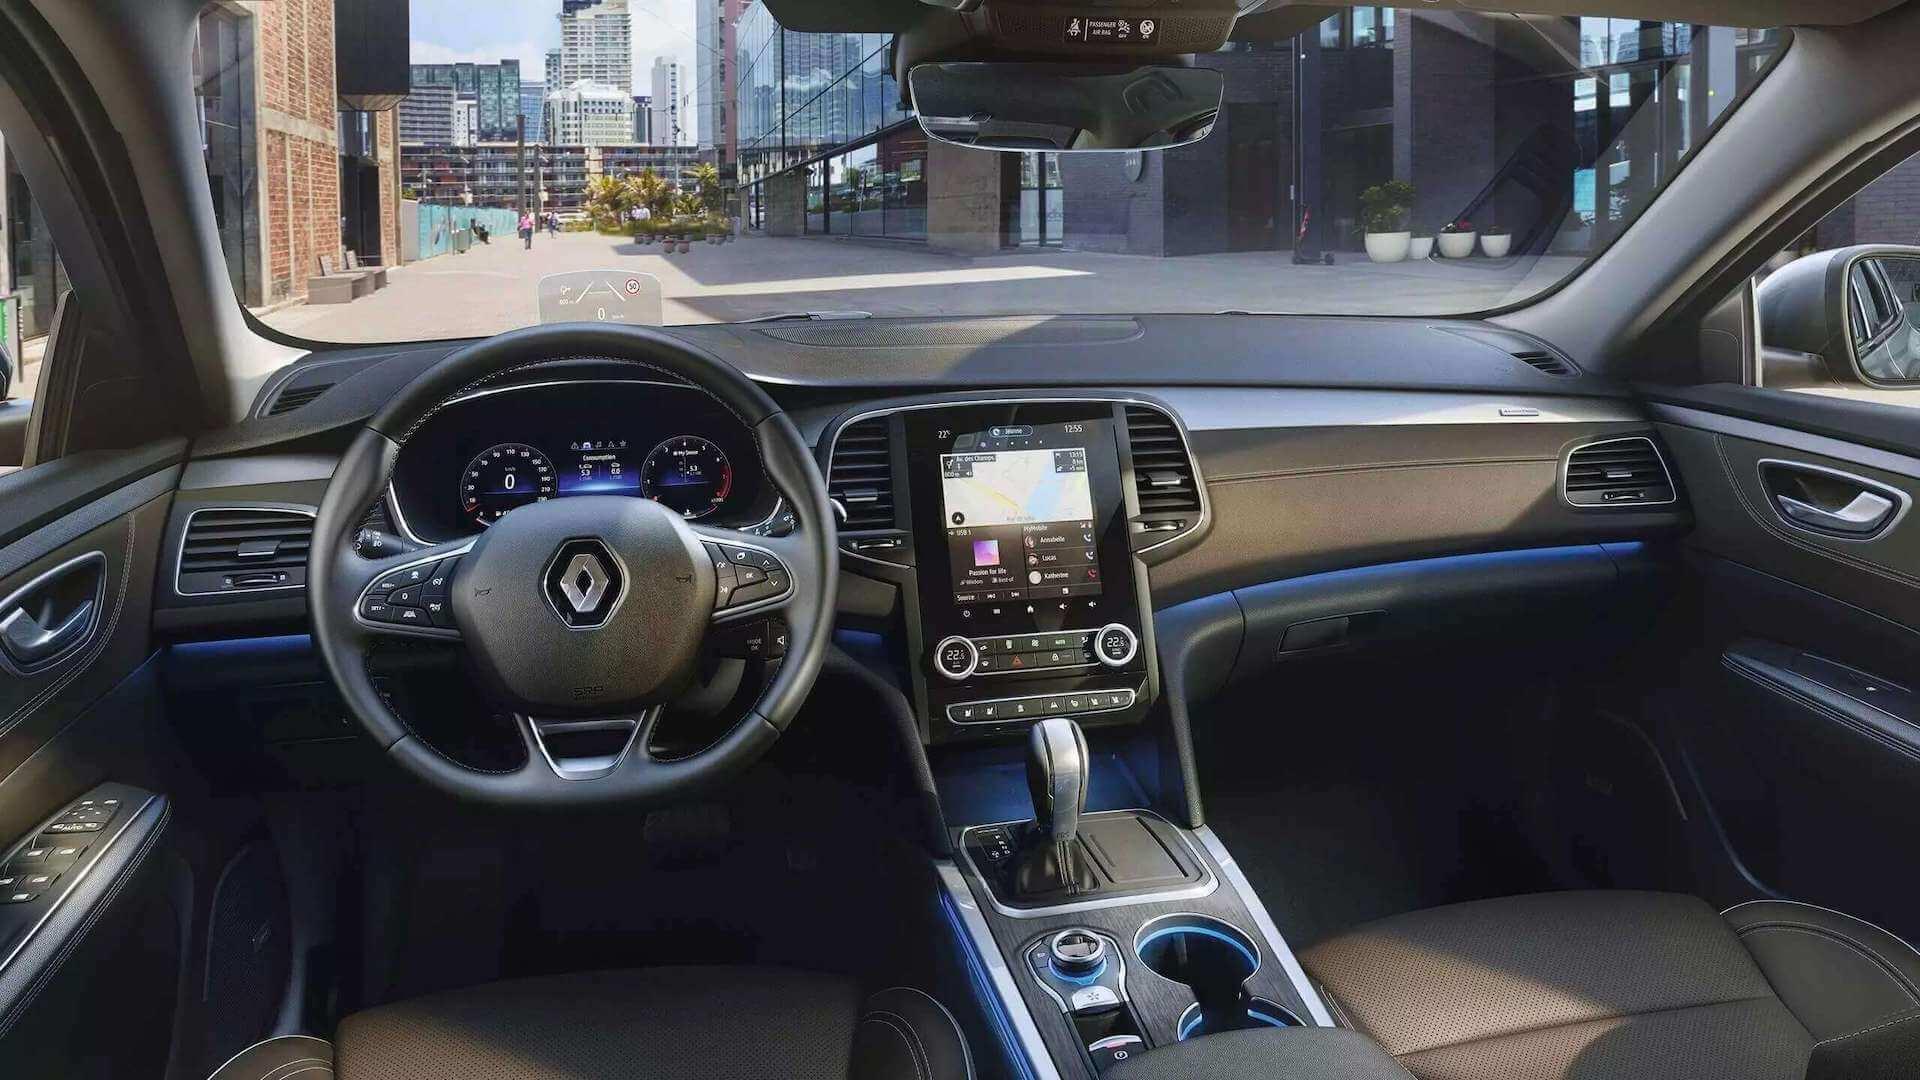 Cockpit - Auto Ansicht von innen - Renault Talisman - Renault Ahrens Hannover